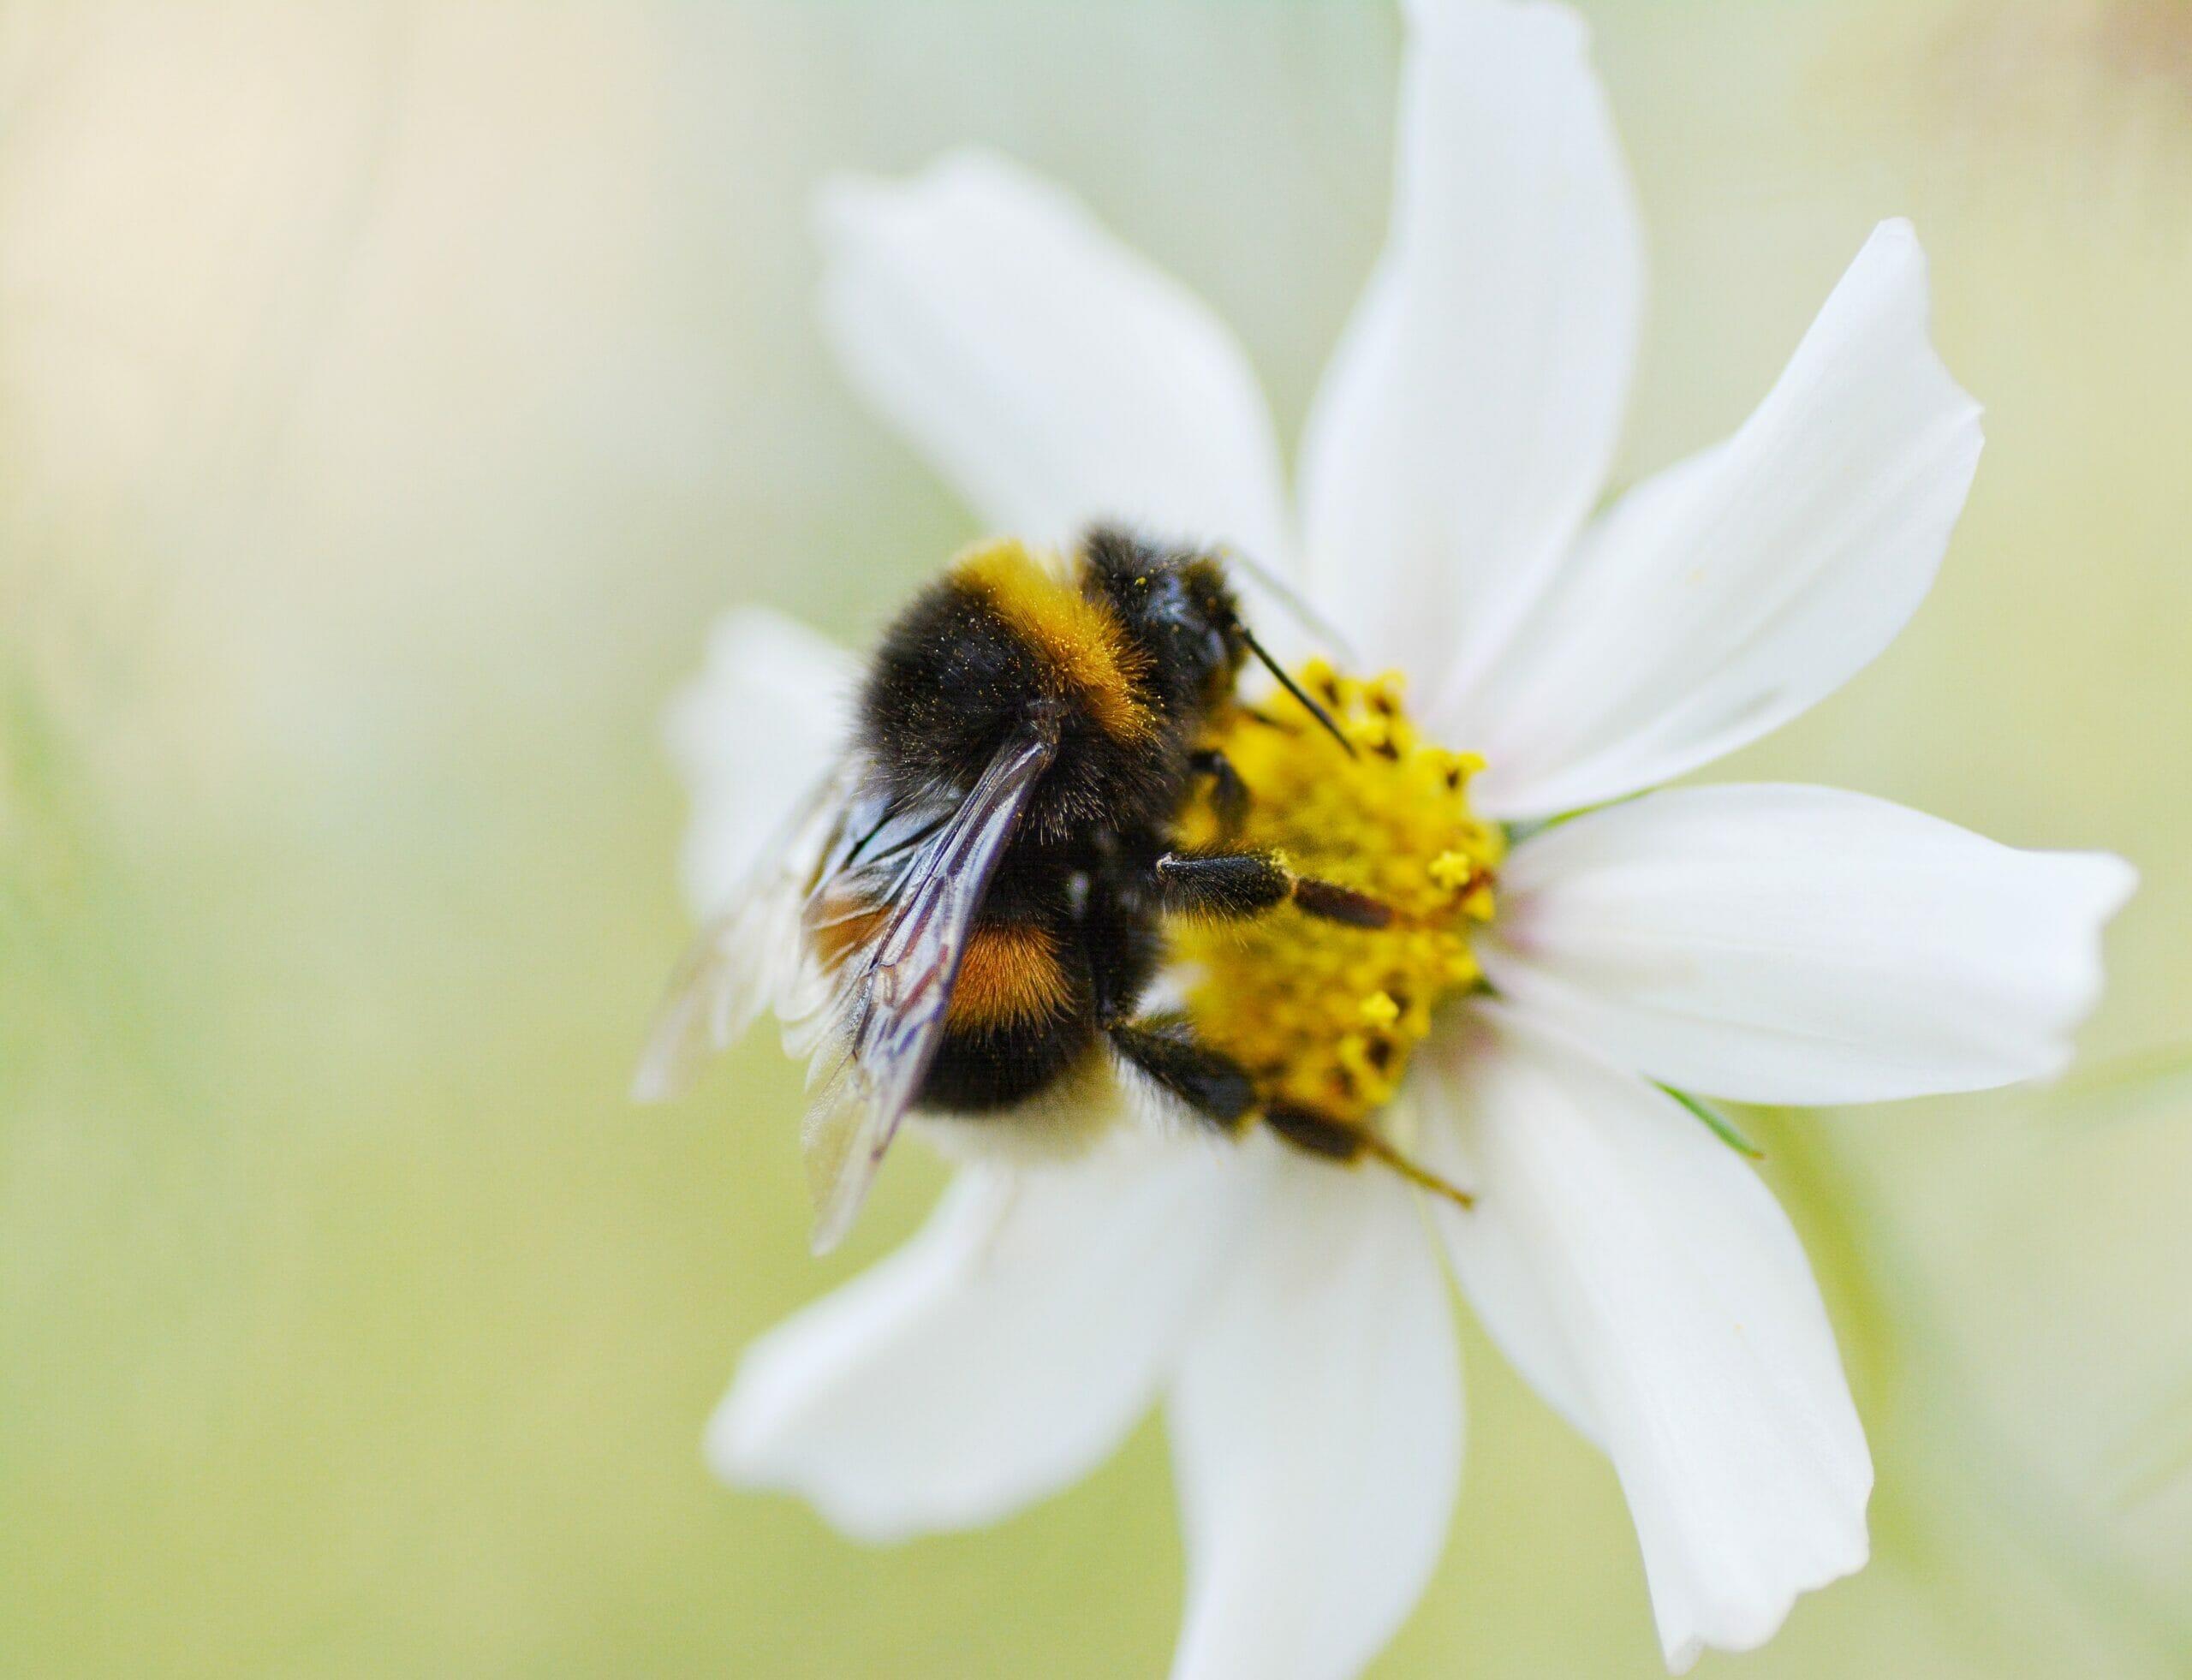 Le-api-arrabbiate-producono-un-veleno-molto-più-proteico